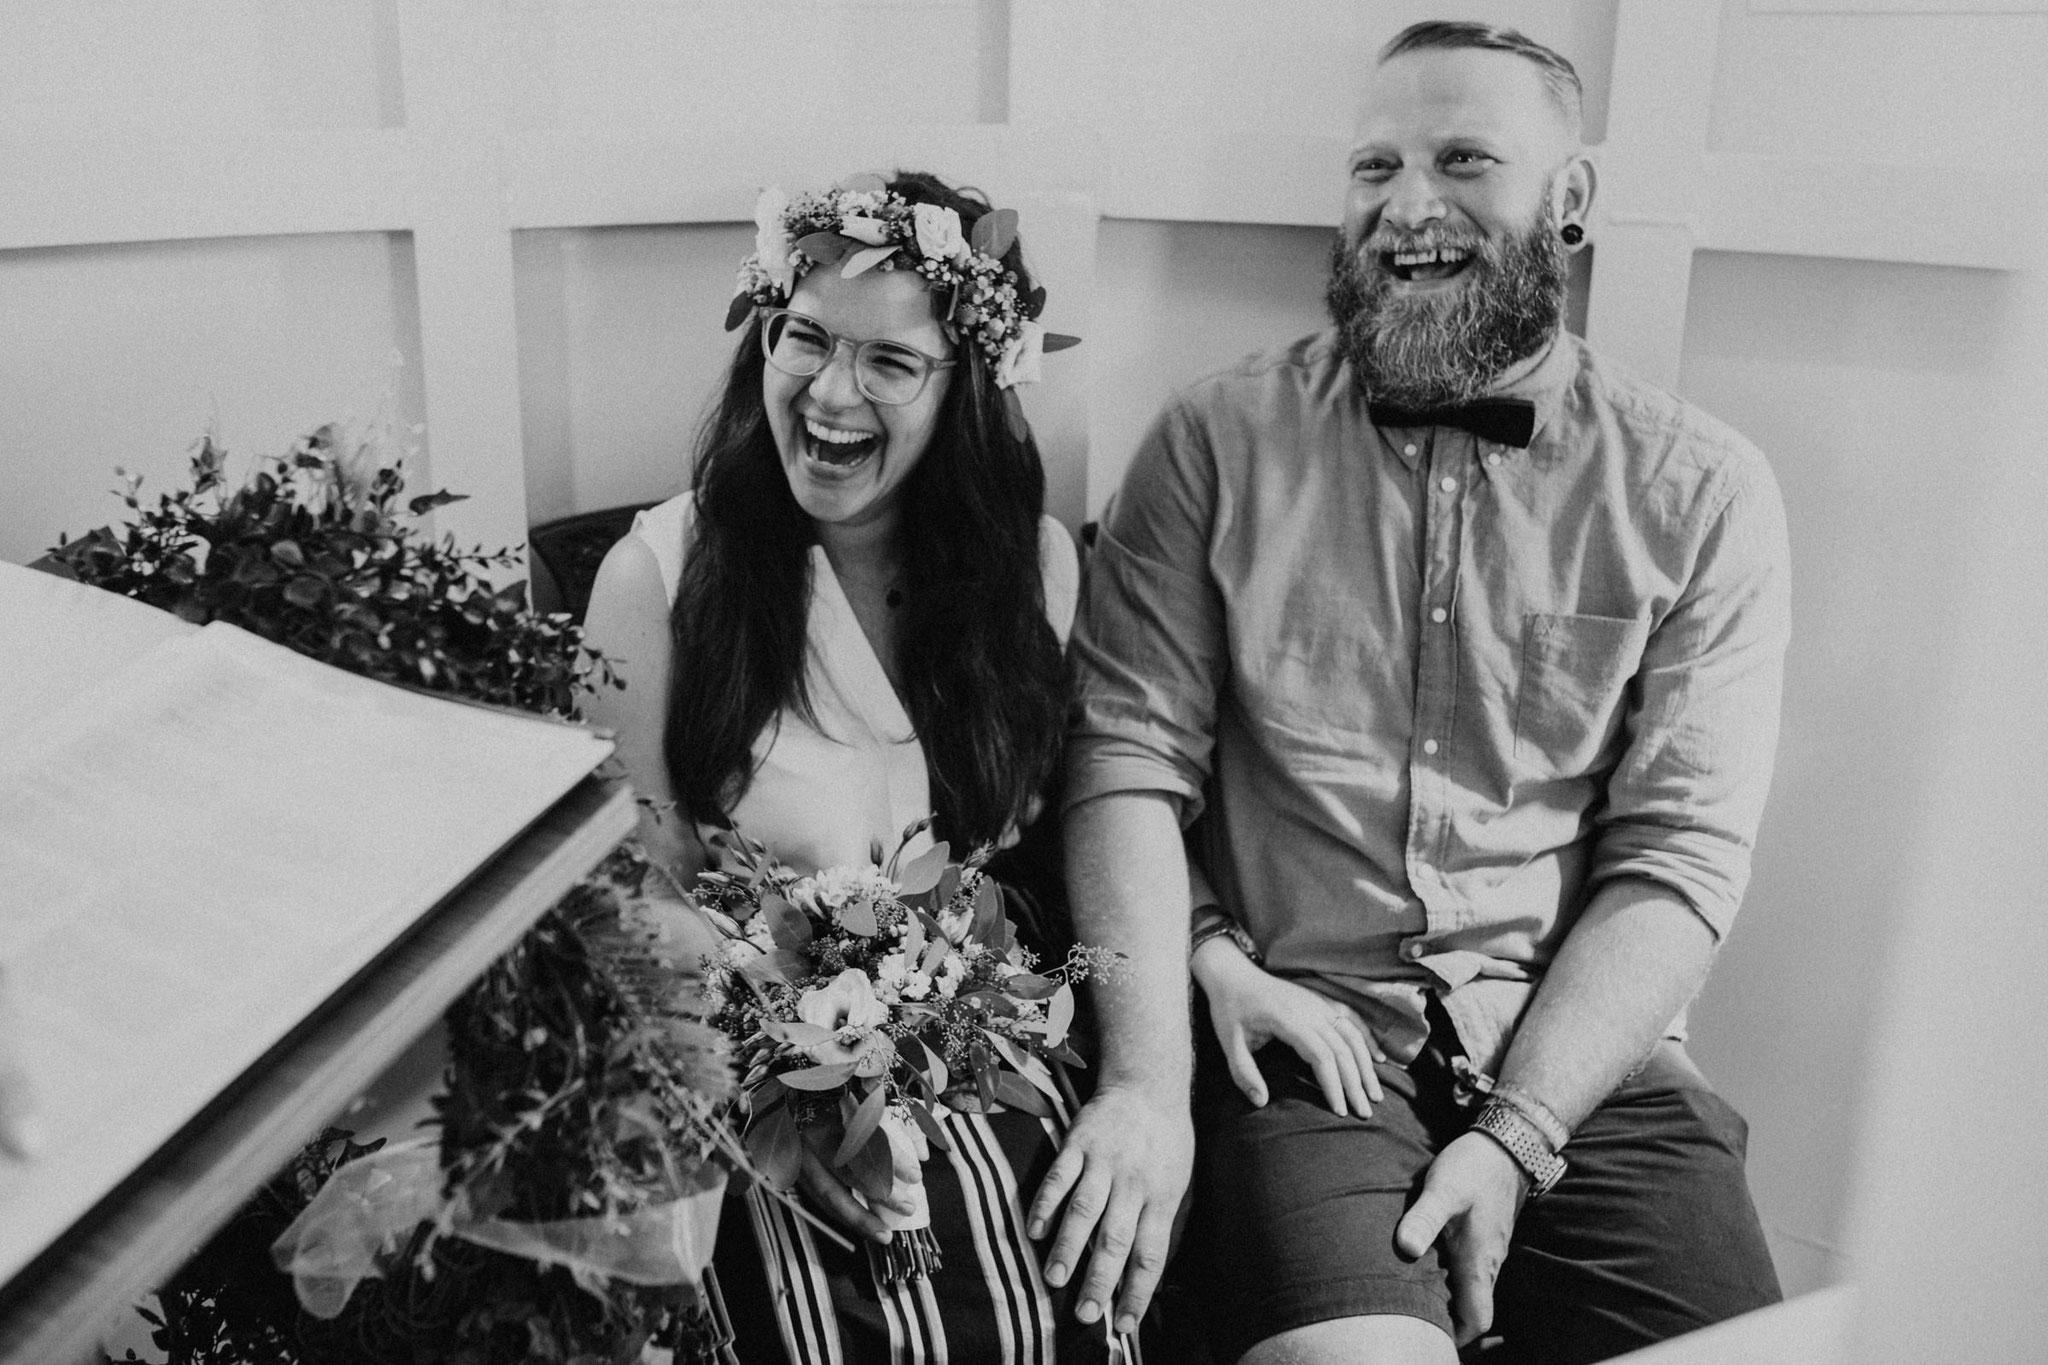 Hochzeit im Wremer Leuchtturm in Cuxhaven von Alina Atzler